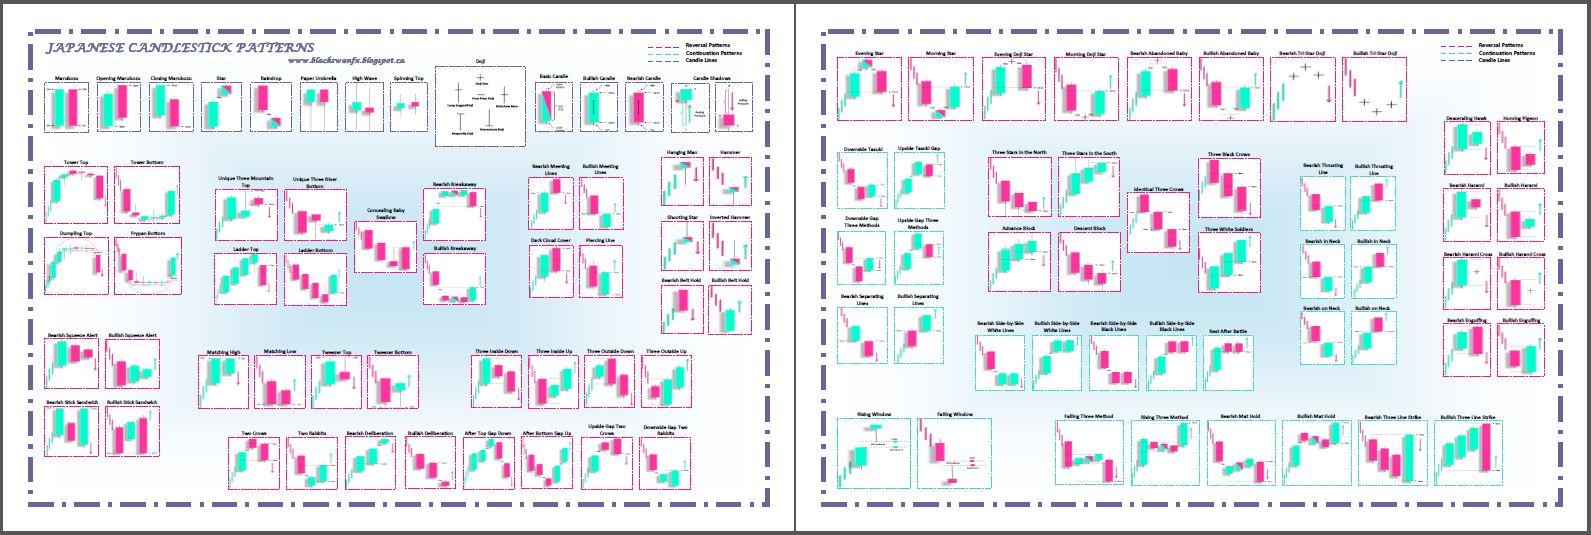 hogyan lehet törölni a bináris opciók bónuszát bináris kód felülvizsgálja az opciókat